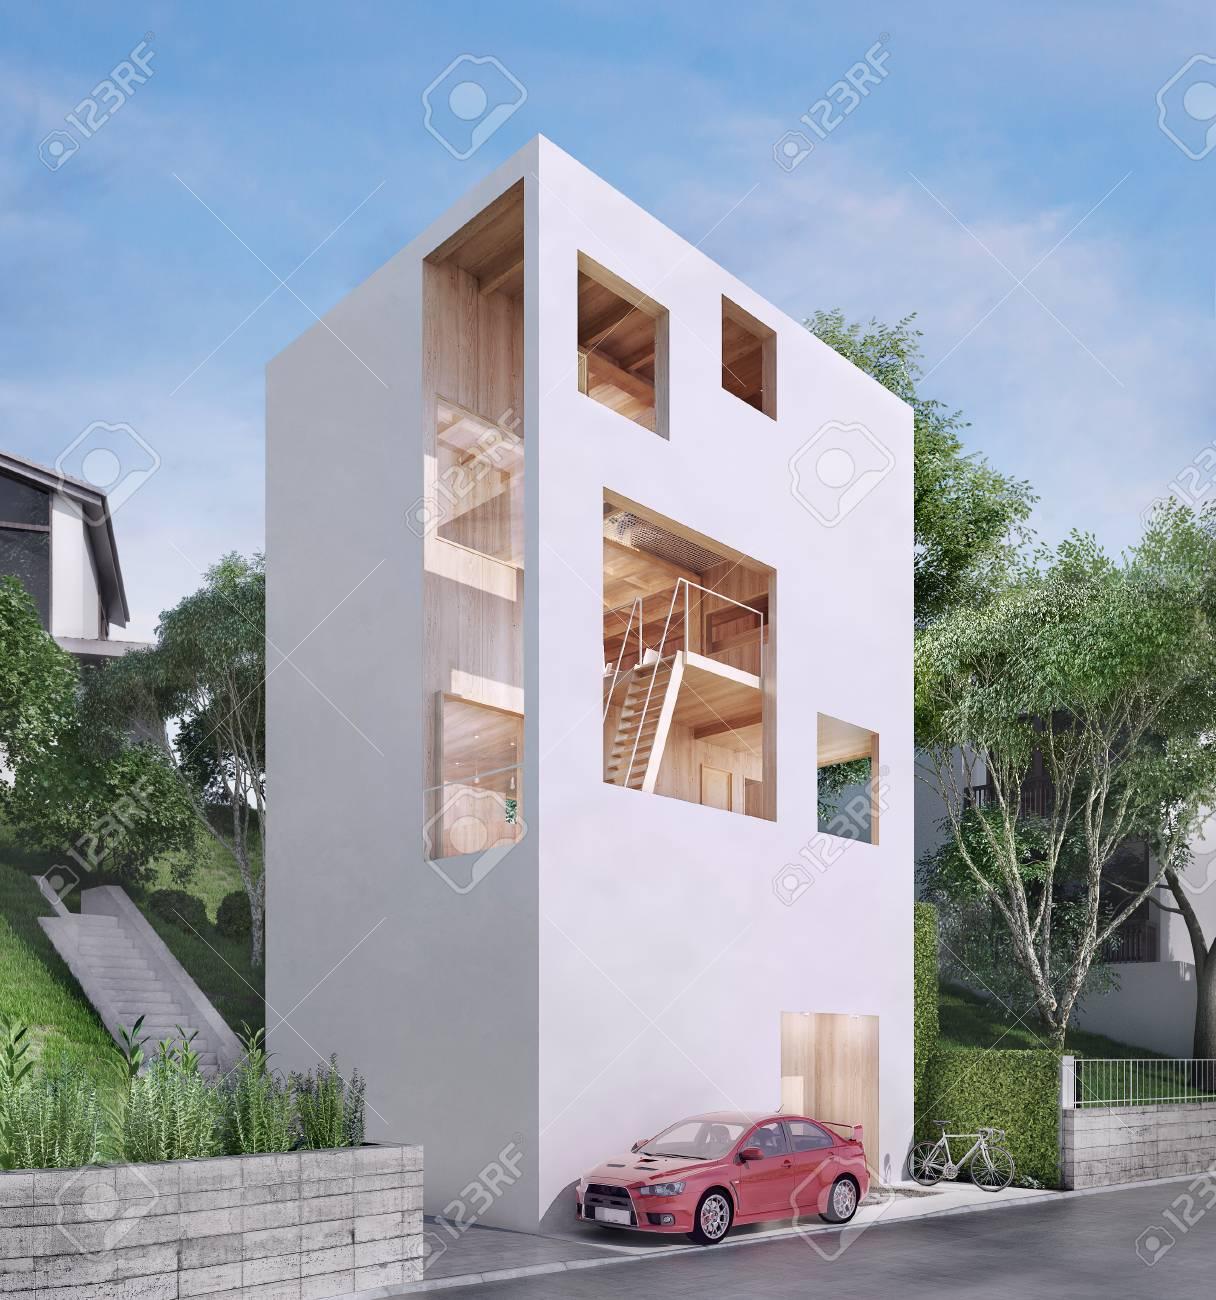 Modern House In Minimalist Style 3d Illustrtion Stock Photo